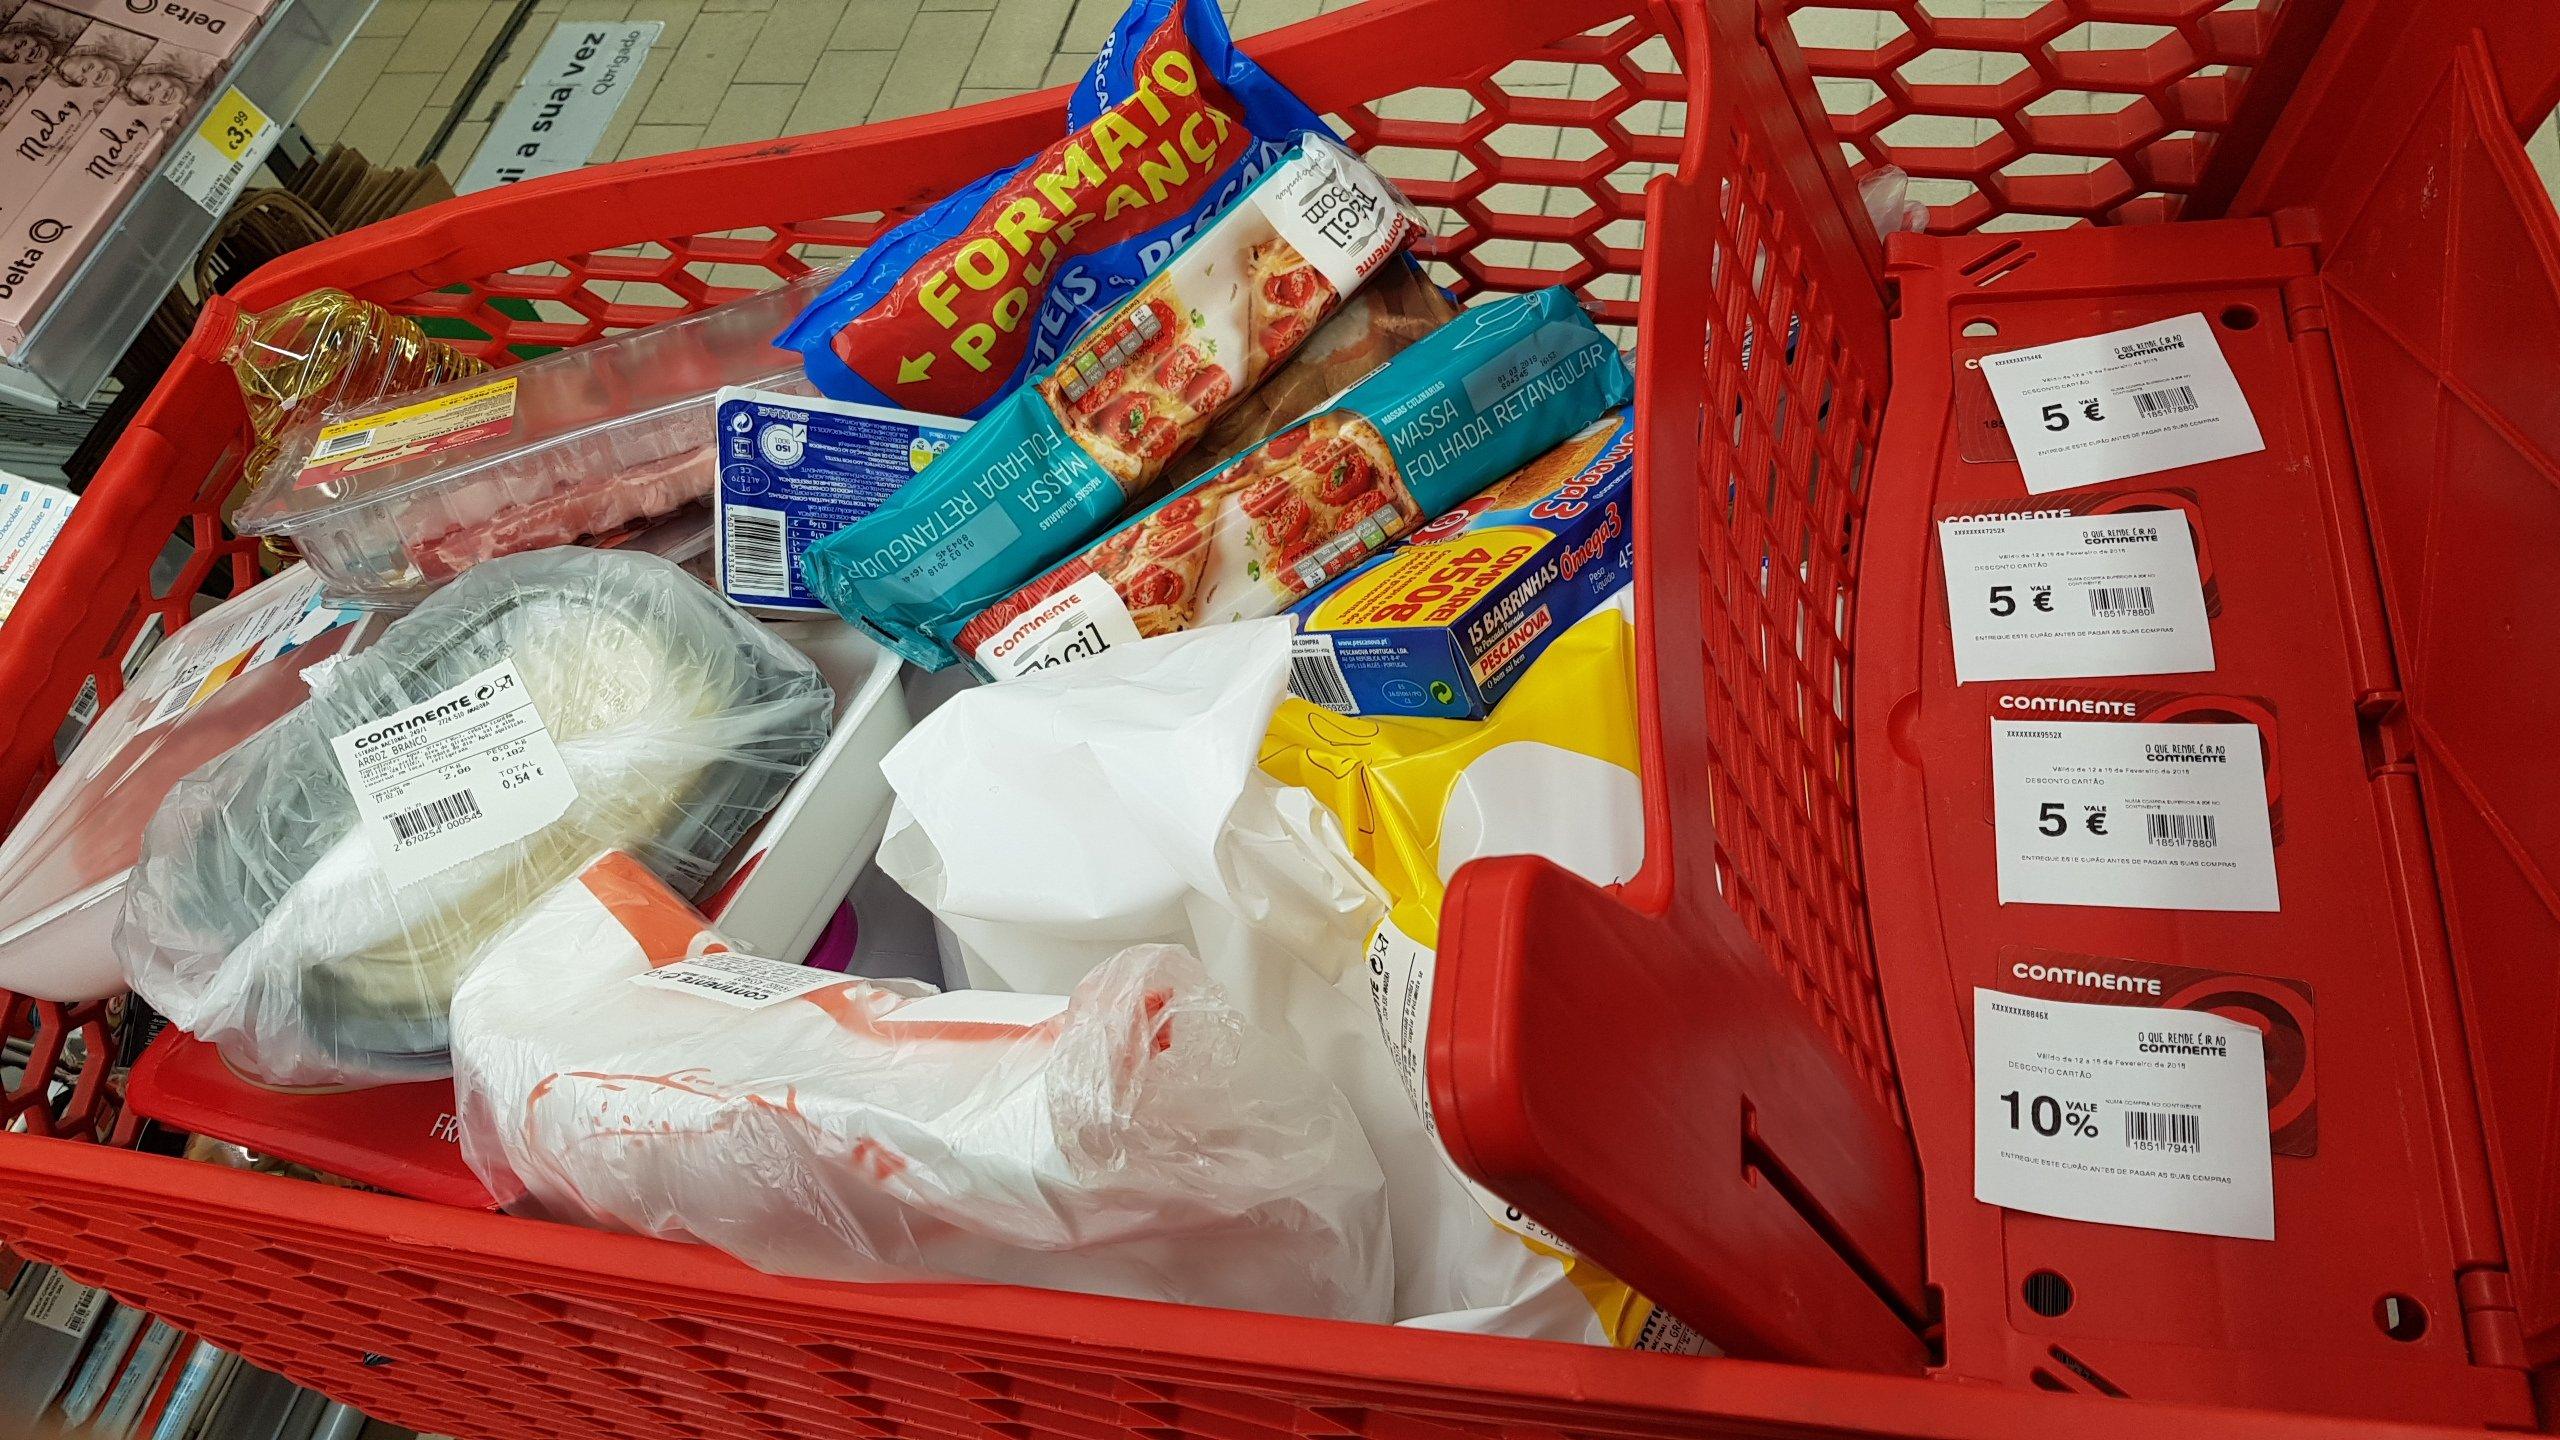 84f61d22e Poupar nas compras de supermercado - Um caso prático